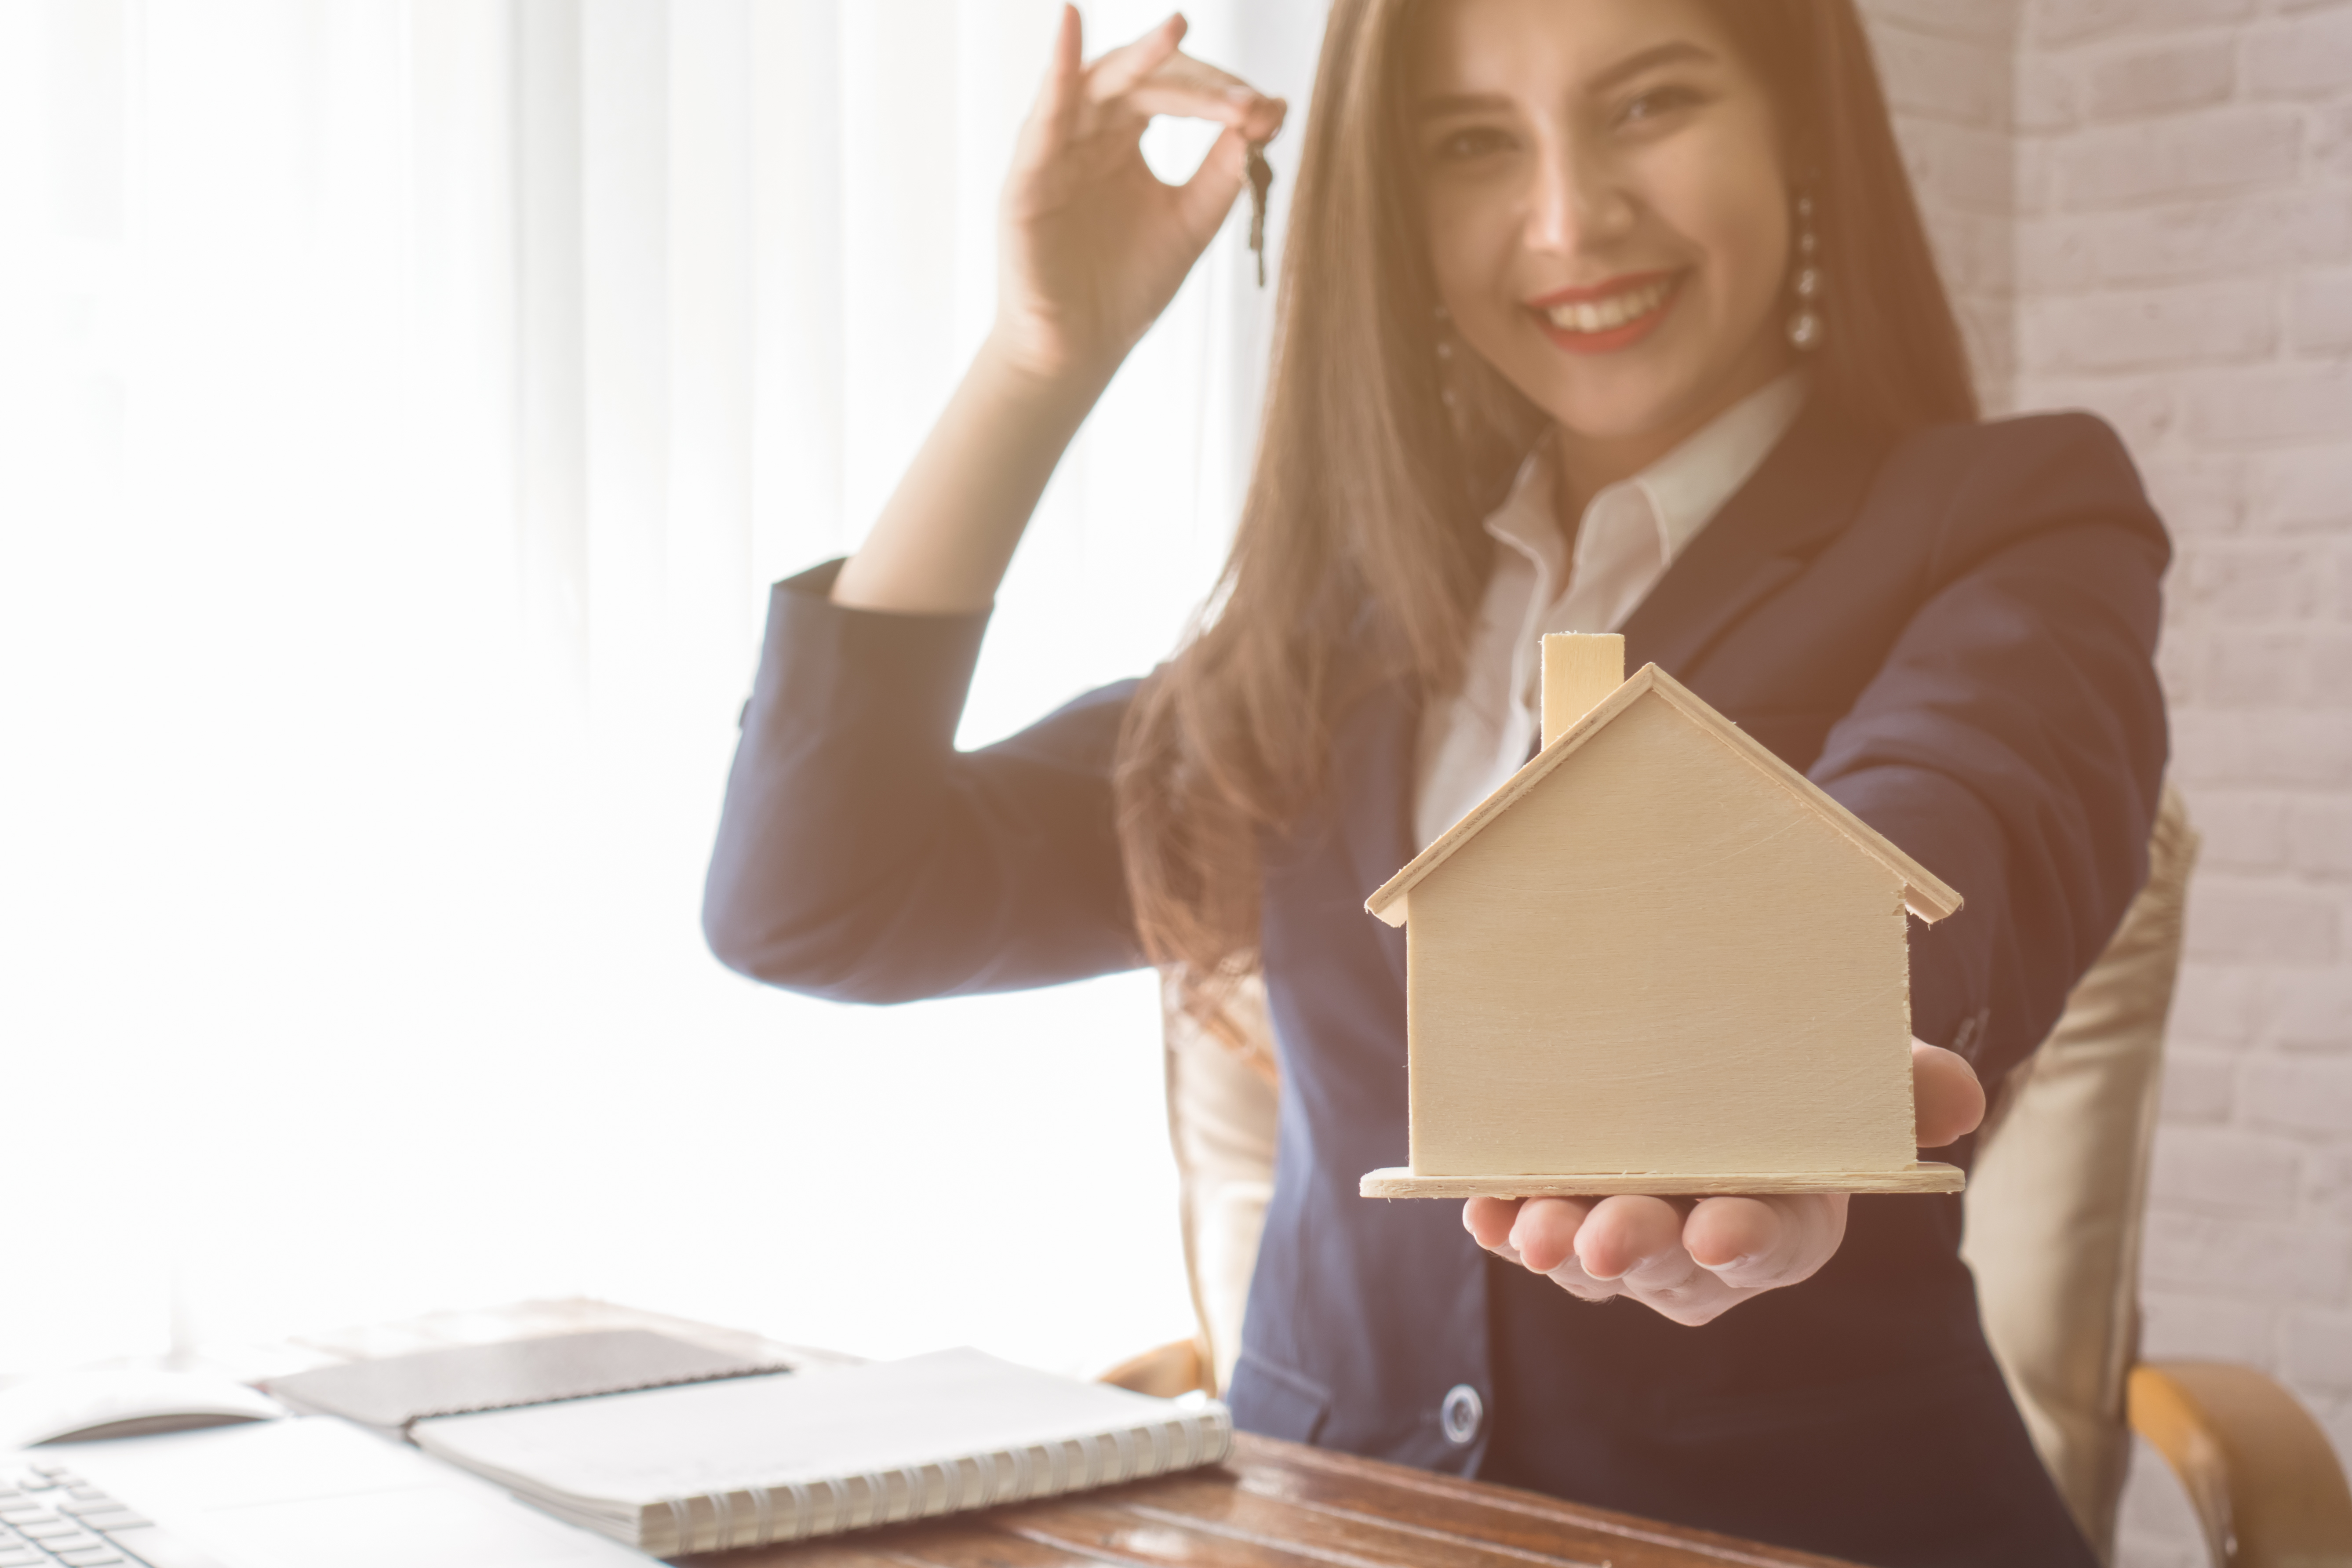 Você quer investir em imóveis? A Porto Feliz te dá algumas dicas!